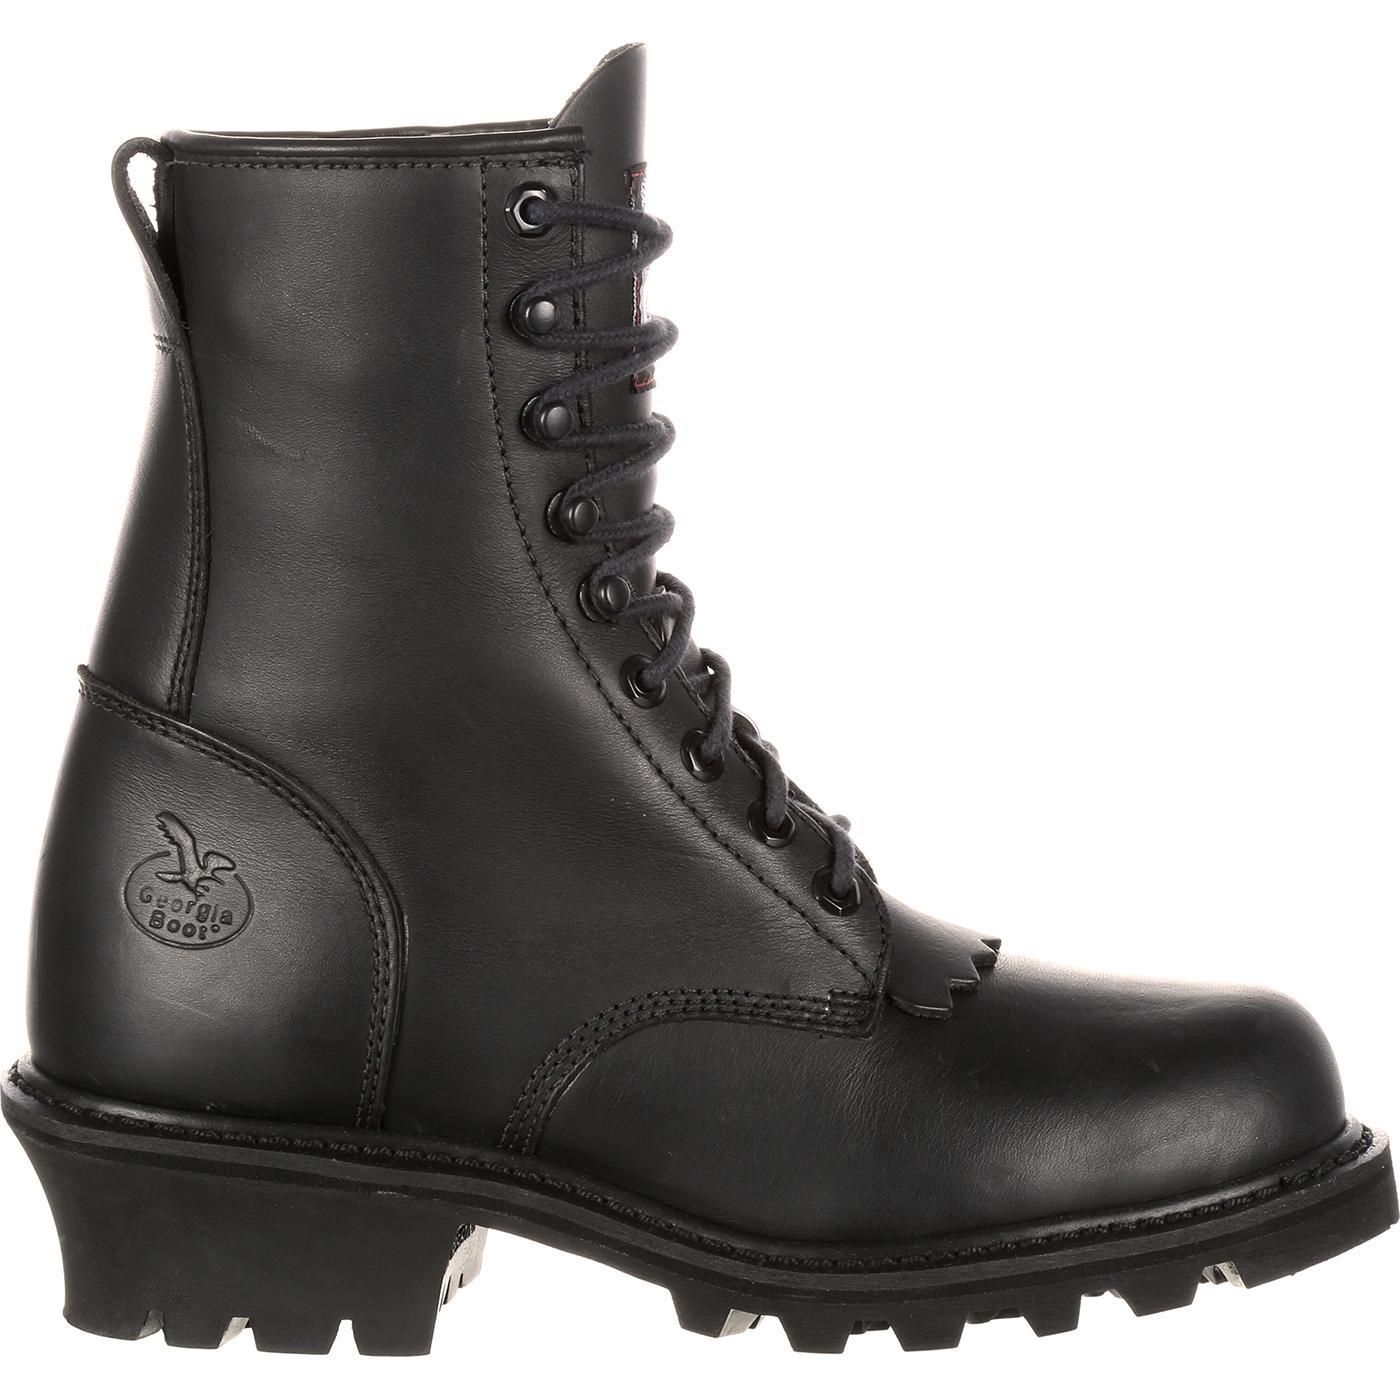 Georgia Boot Black 8 In Logger Work Boot Style Gb0075ia